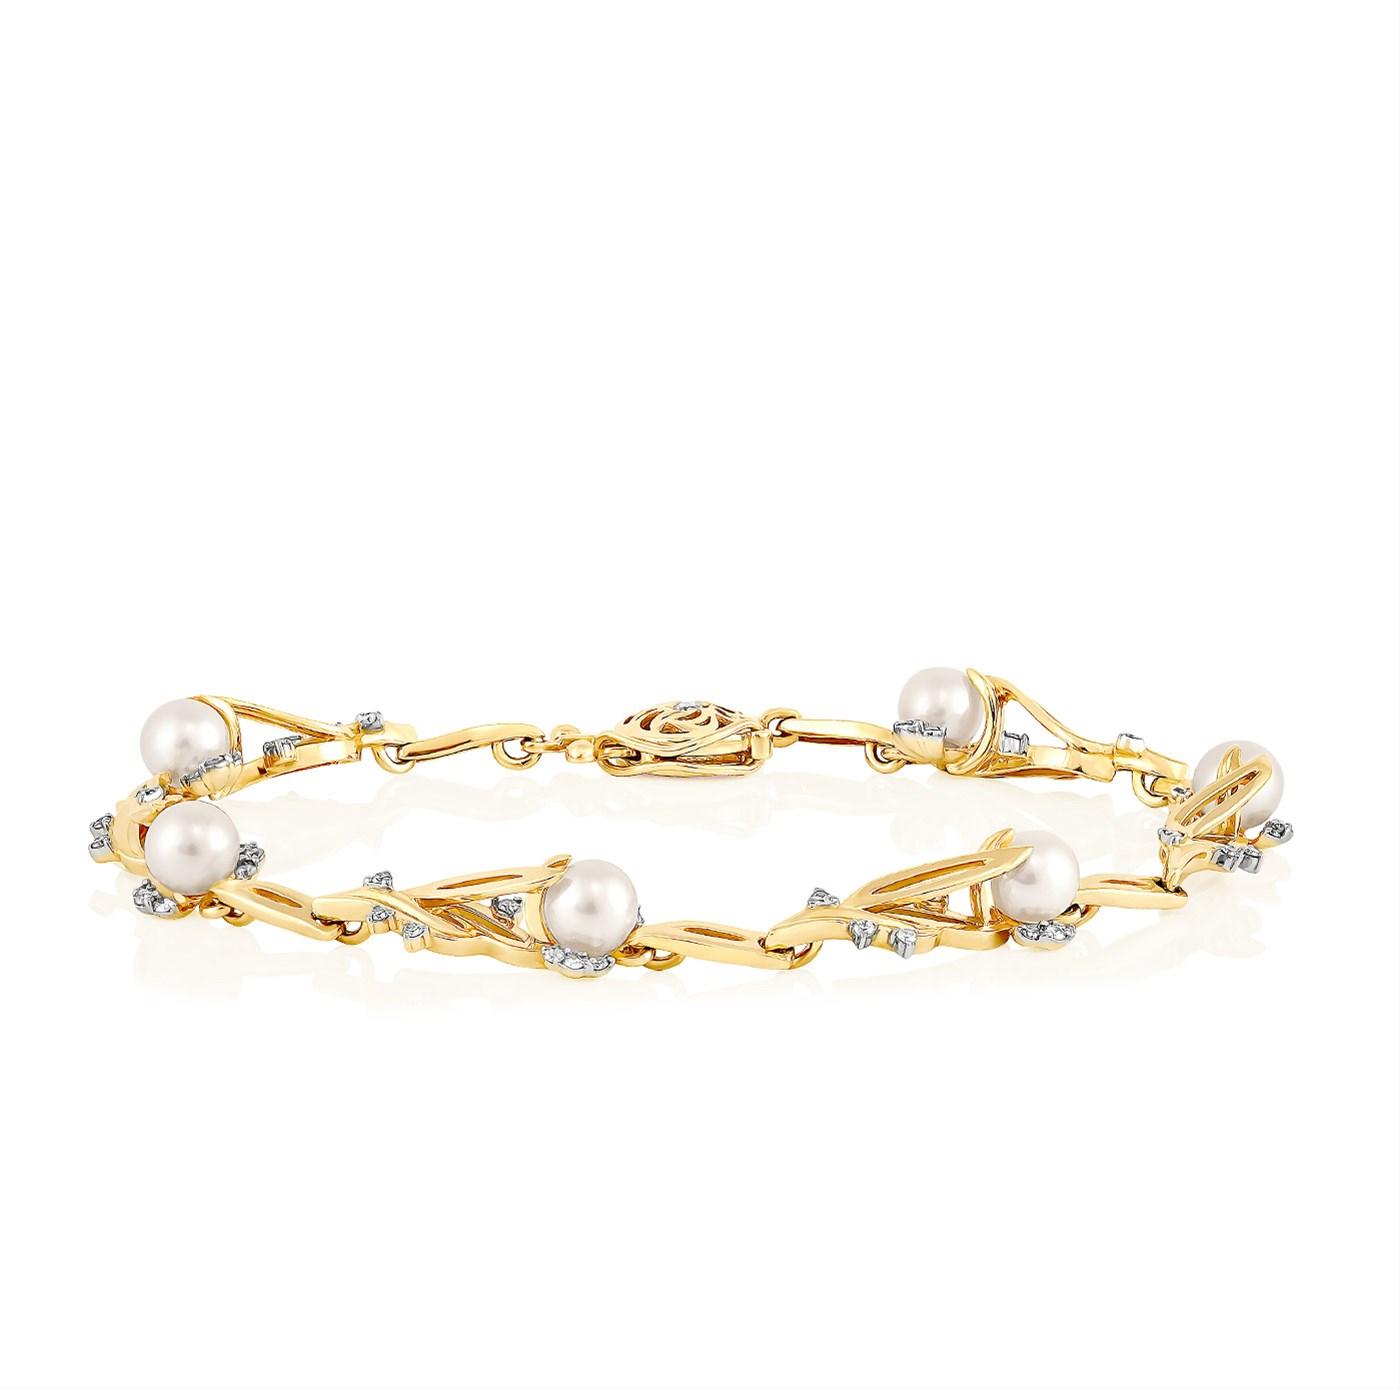 Браслет из лимонного золота с бриллиантом и жемчугом арт. 24-2031-1500 24-2031-1500